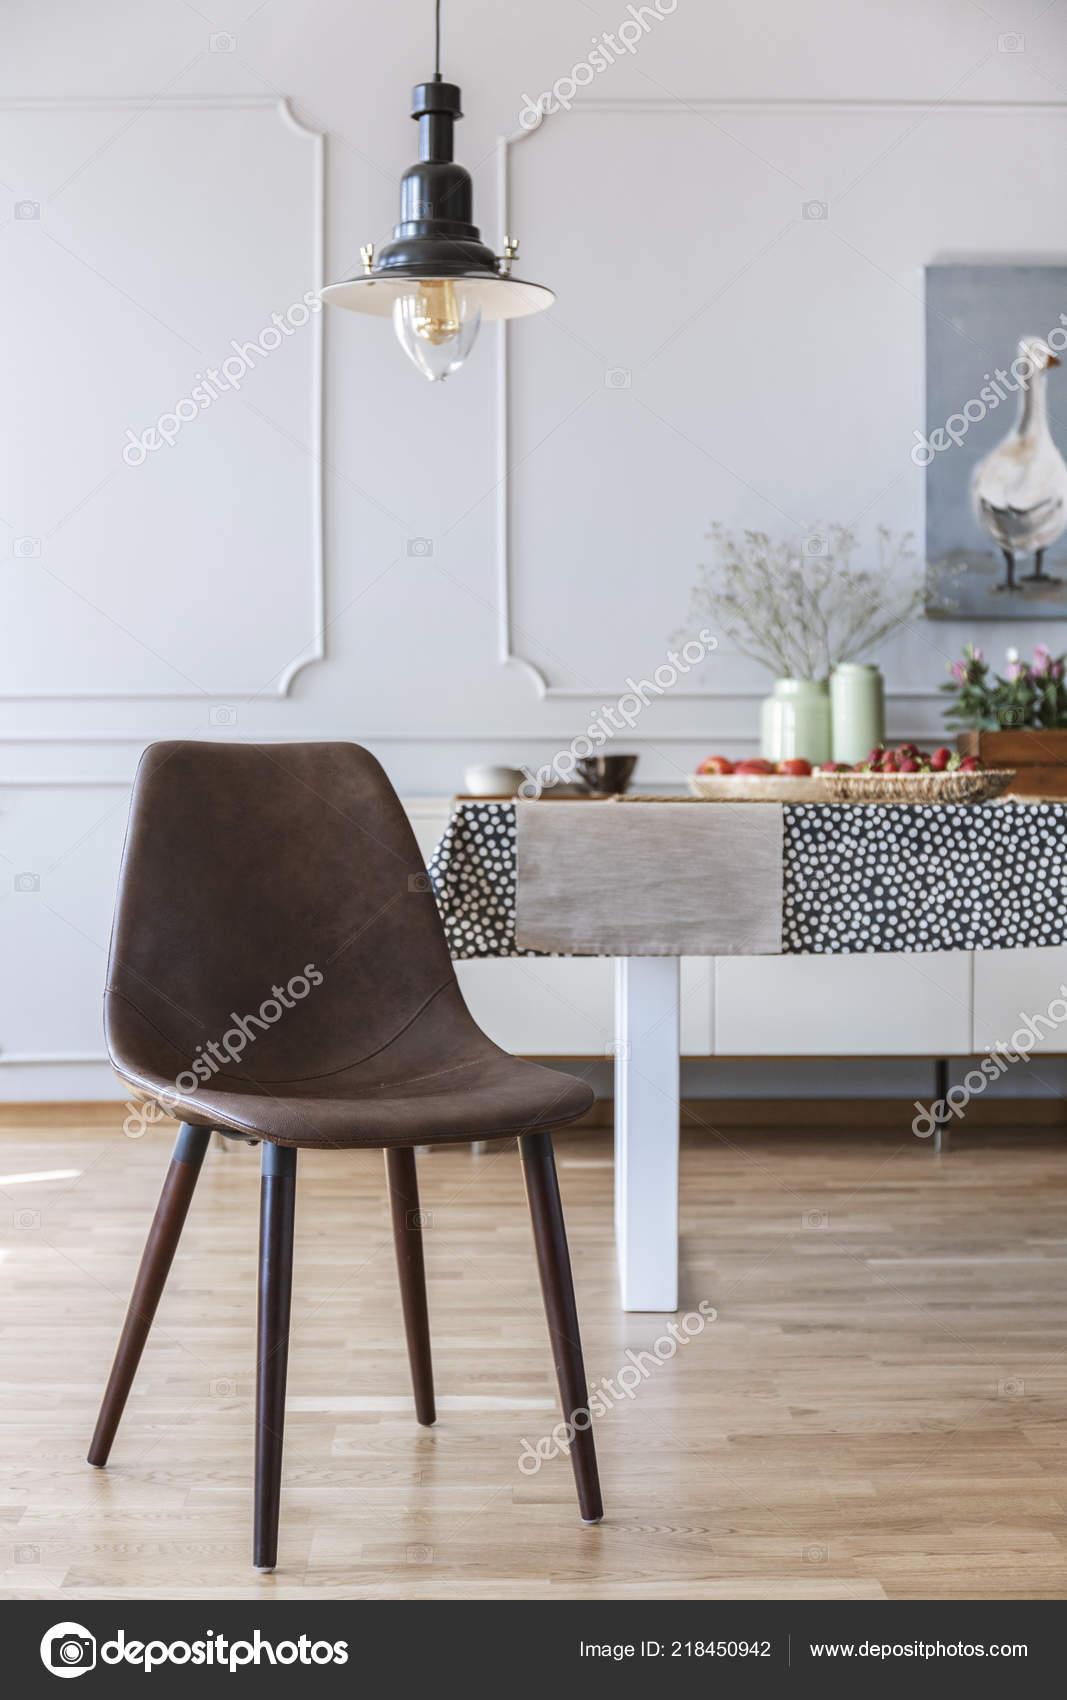 Tavolo Bianco E Sedie Marroni.Sedia Marrone Sotto Lampada Interiore Bianco Sala Pranzo Con Tavolo